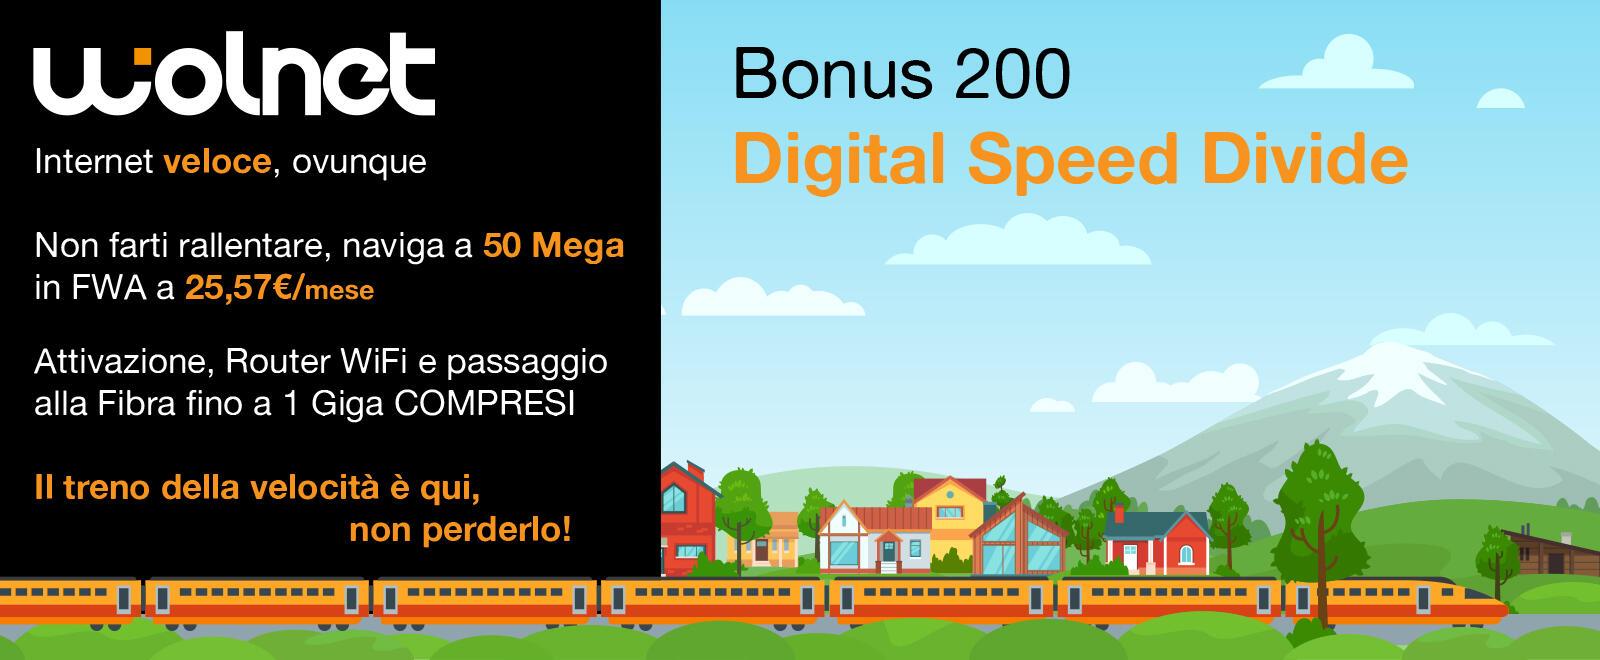 Bonus 200 Digital Speed Divide